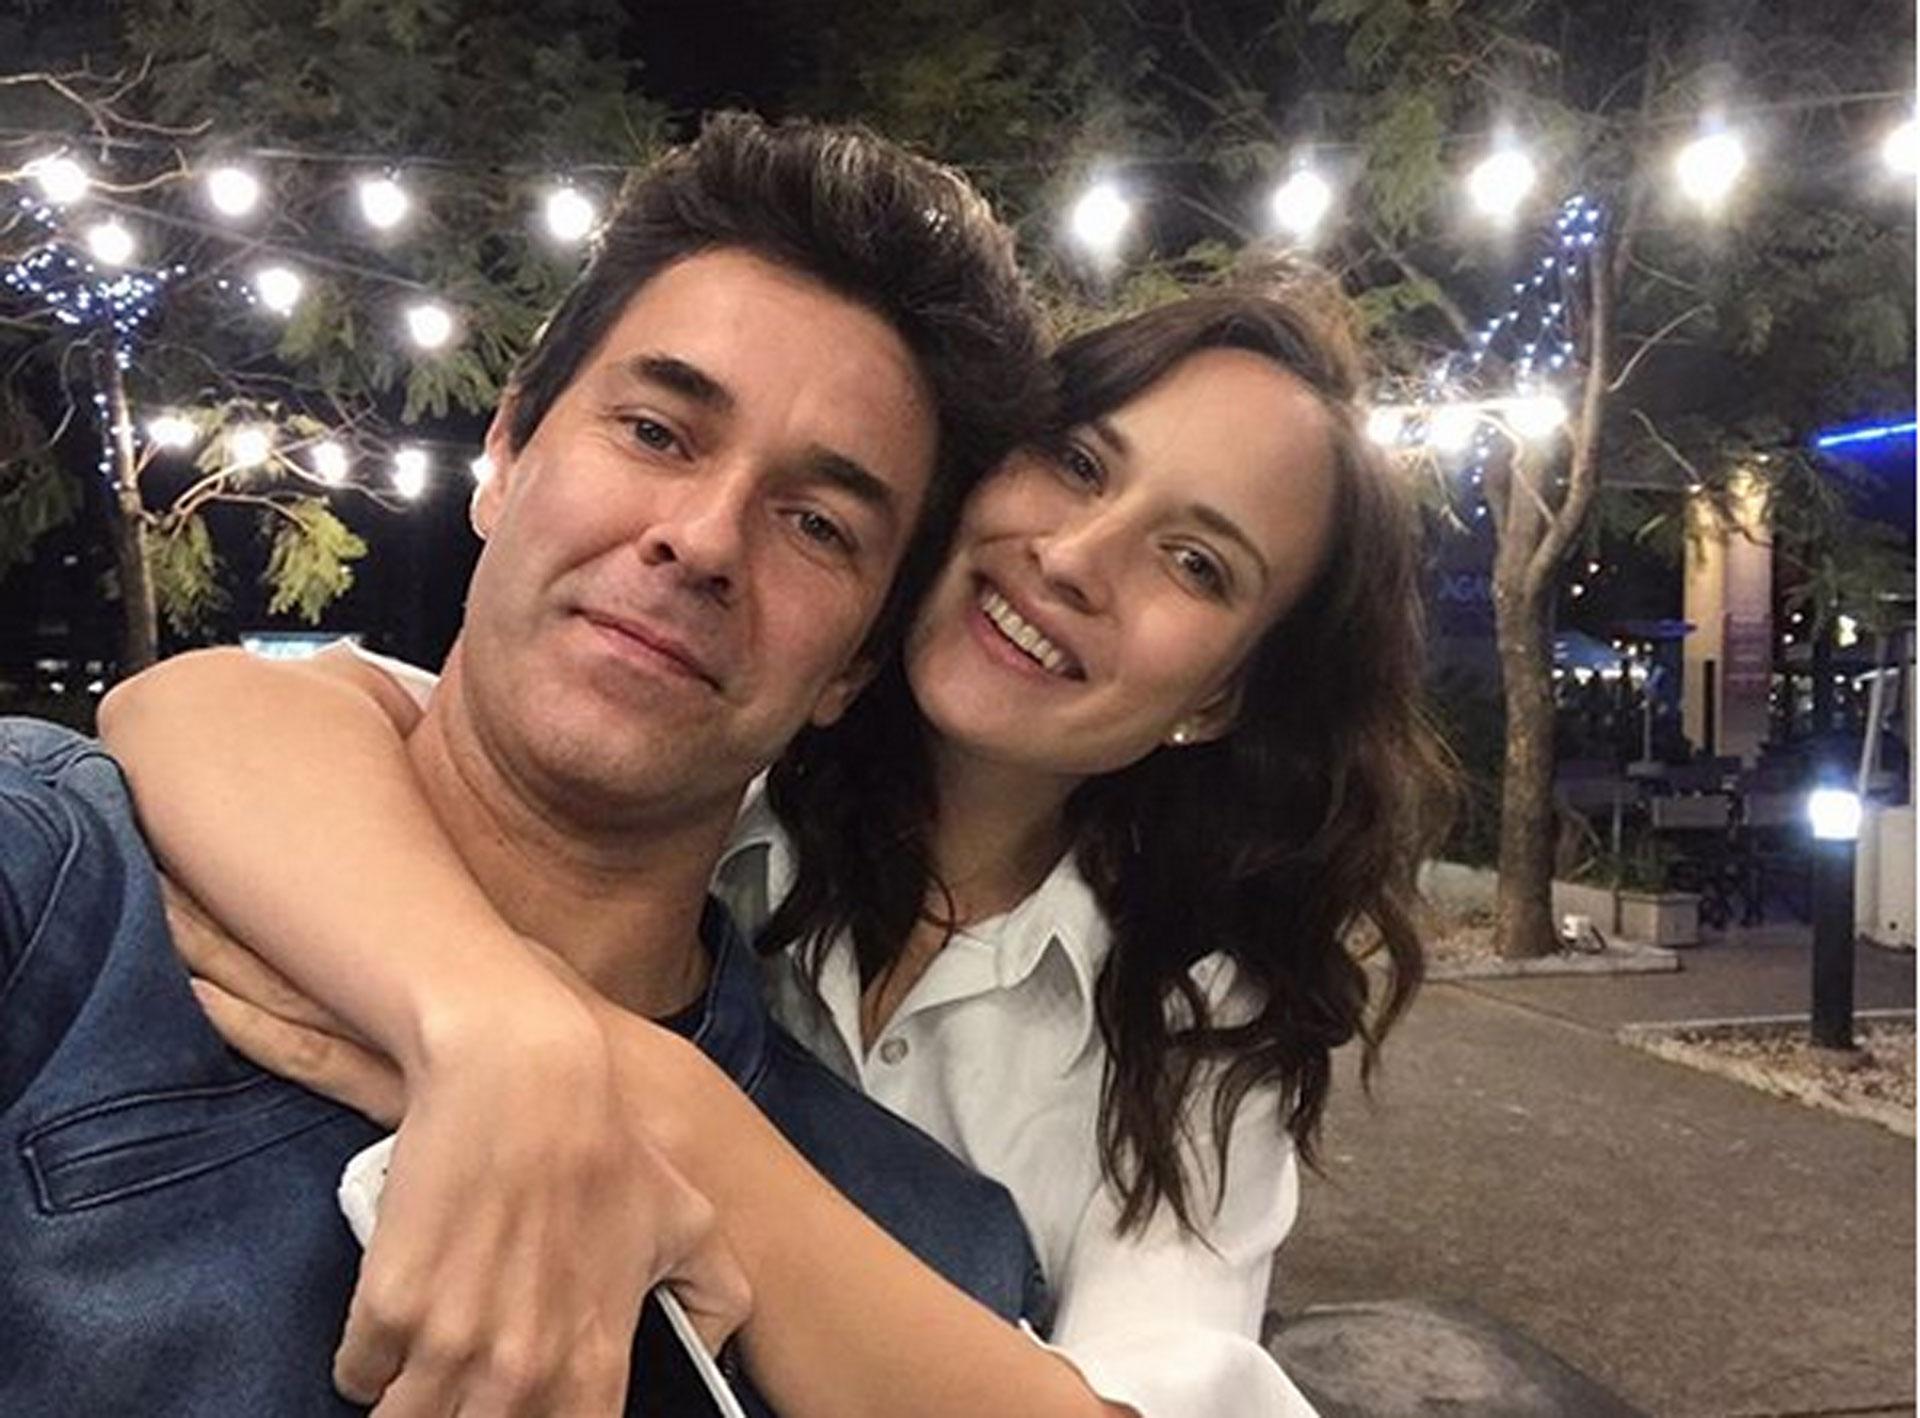 Luego de 2 años de relación y una hija, Mariano Martínez le propuso casamiento a Camila Cavallo…¡Y ella aceptó! La boda entre el actor y la joven modelo está prevista para agosto de 2019